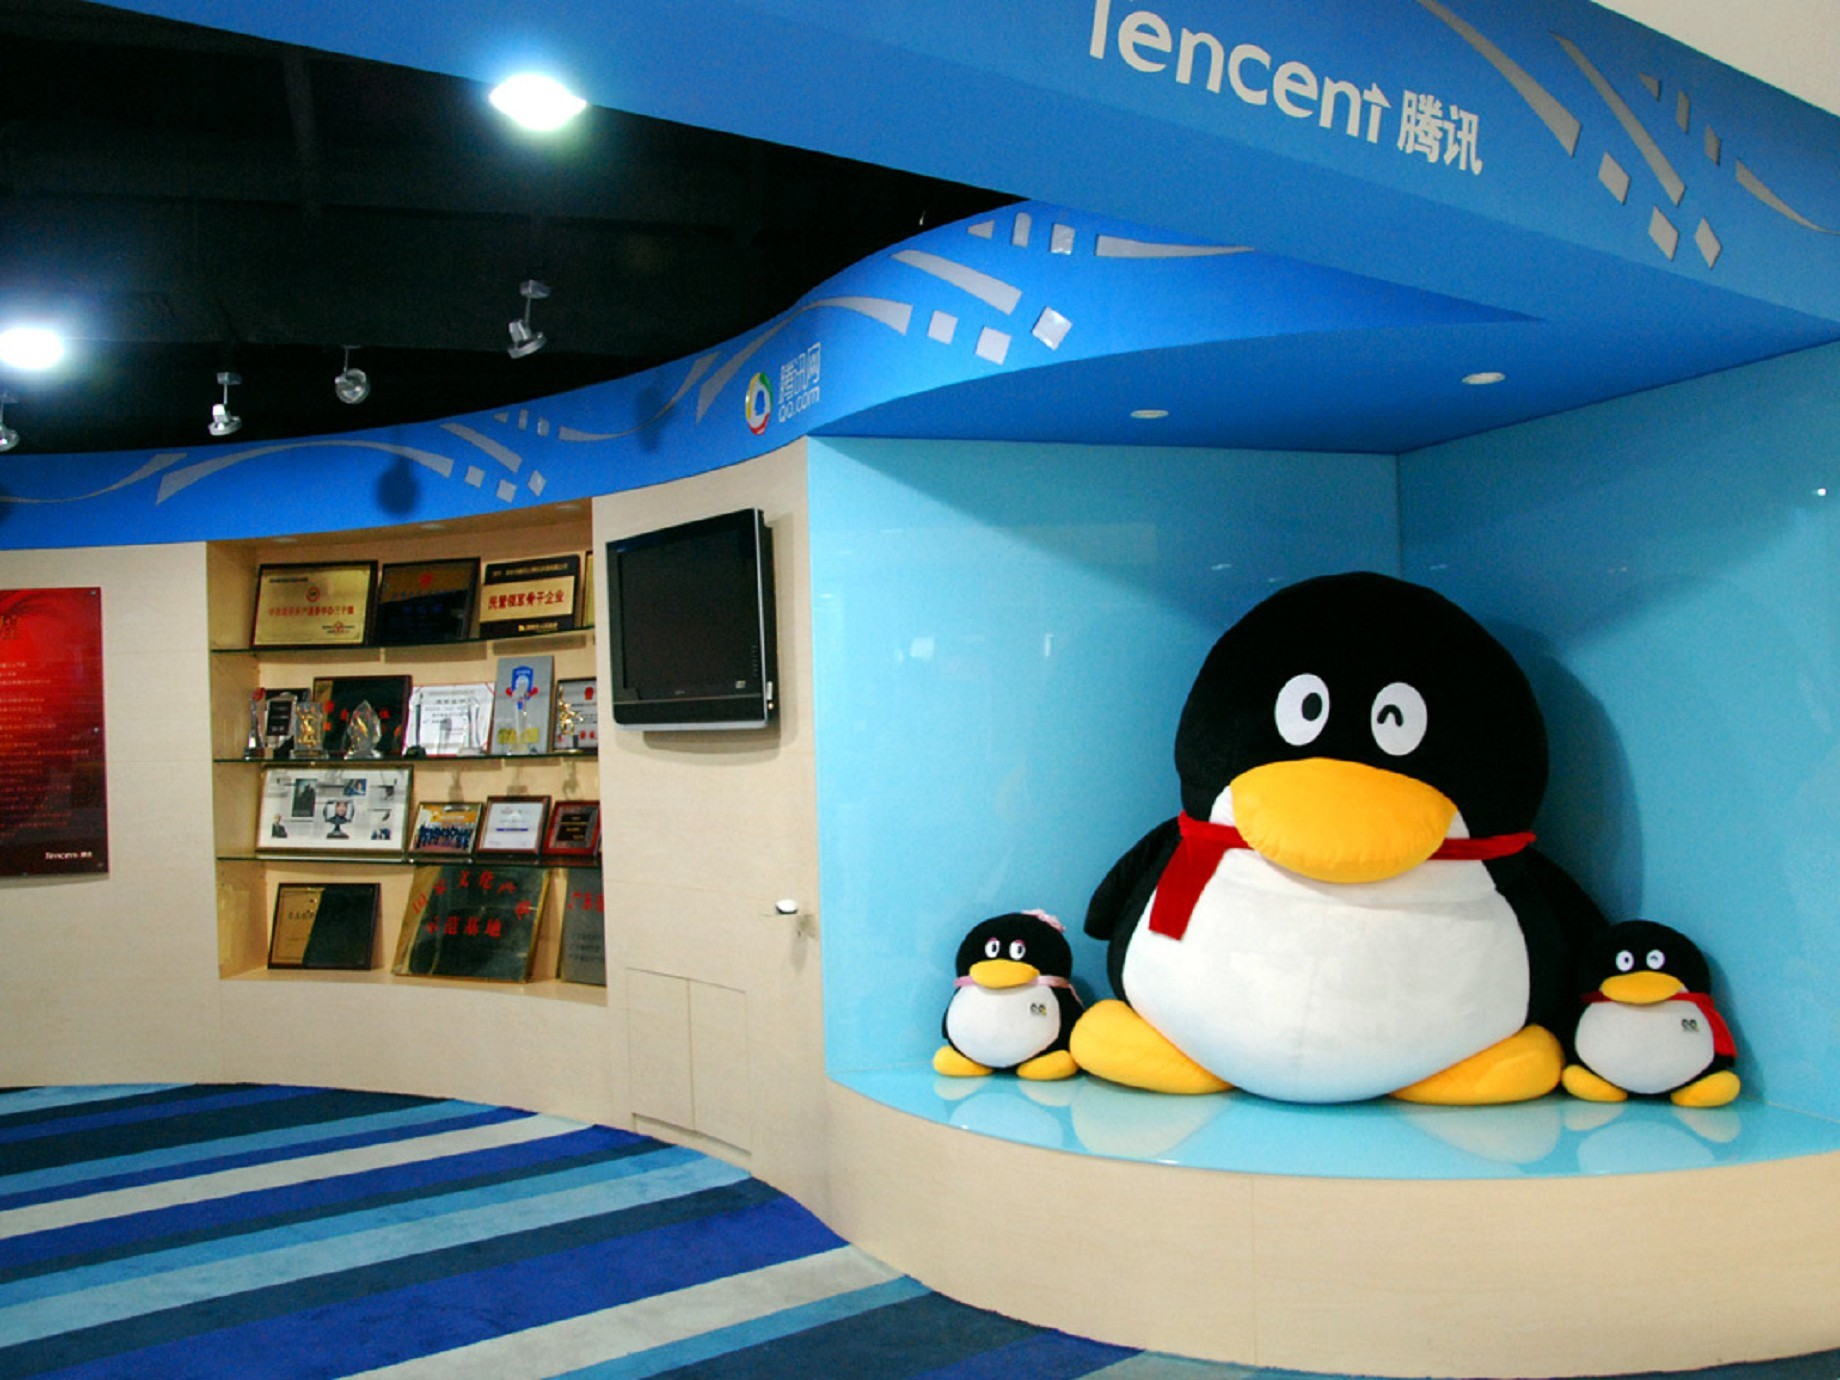 騰訊憑什麼超越阿里巴巴,成為中國市值最高的網路公司?